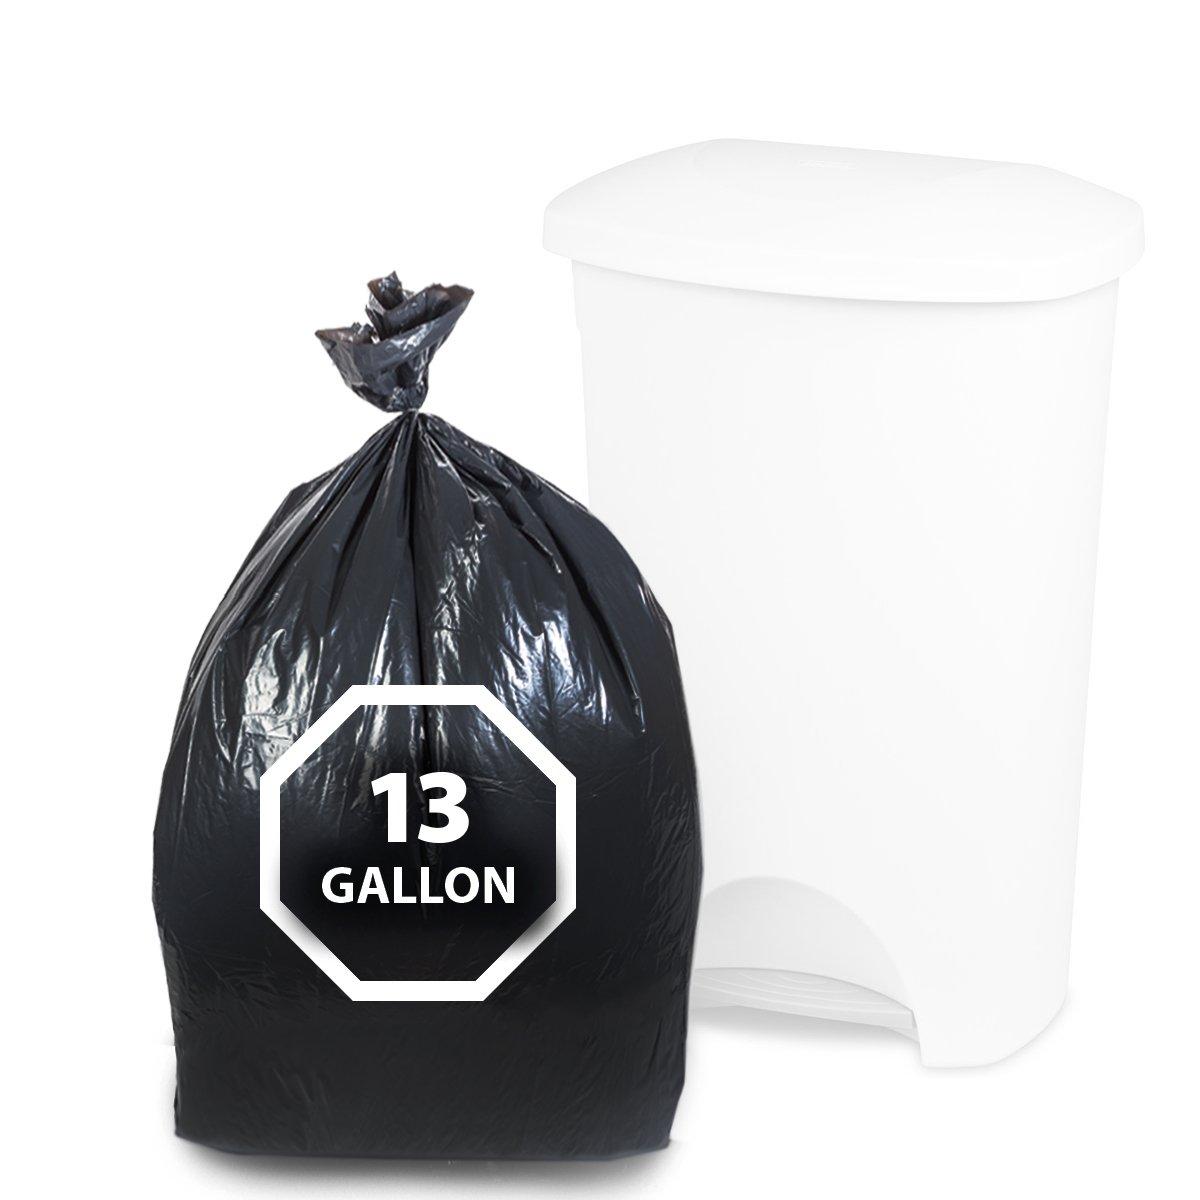 Amazon.com: Dualplex Tall Kitchen Trash Bags 13 Gallon 200 Count ...